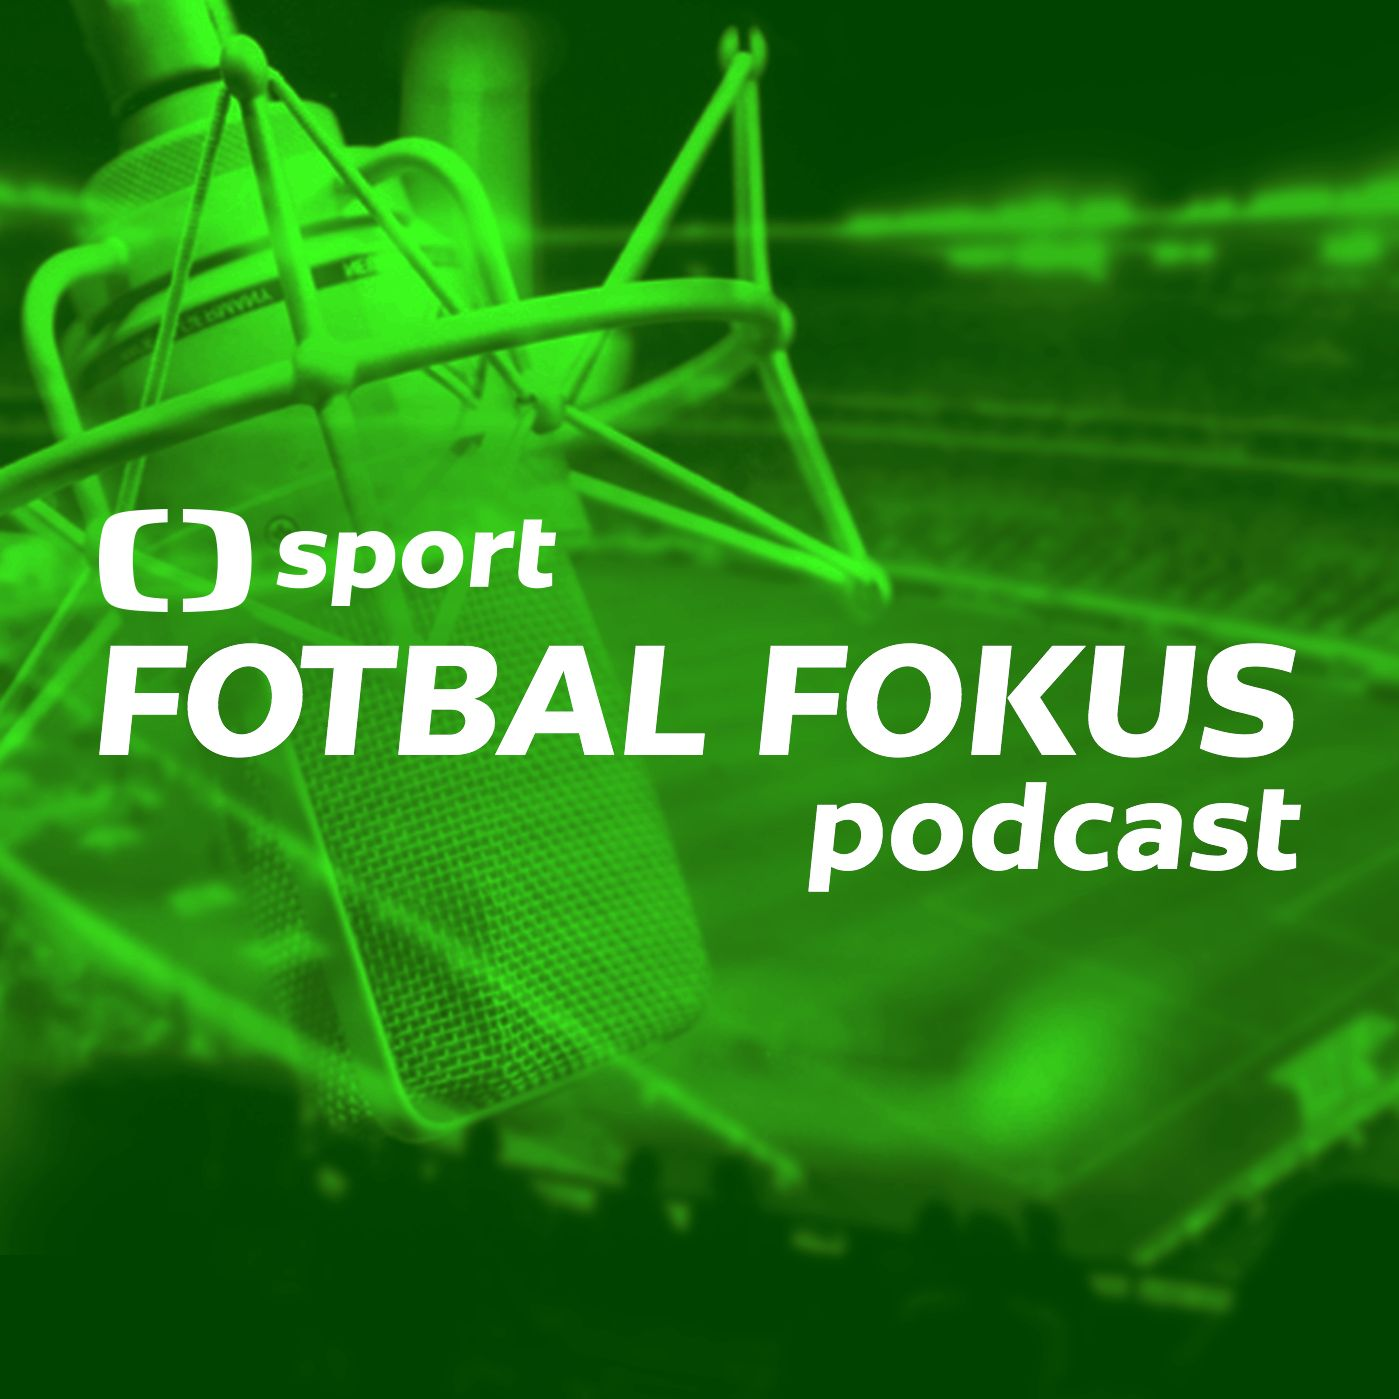 Fotbal fokus podcast: Dokáže Slavia uspět v Kyjevě? A kdo ovládne Premier League?